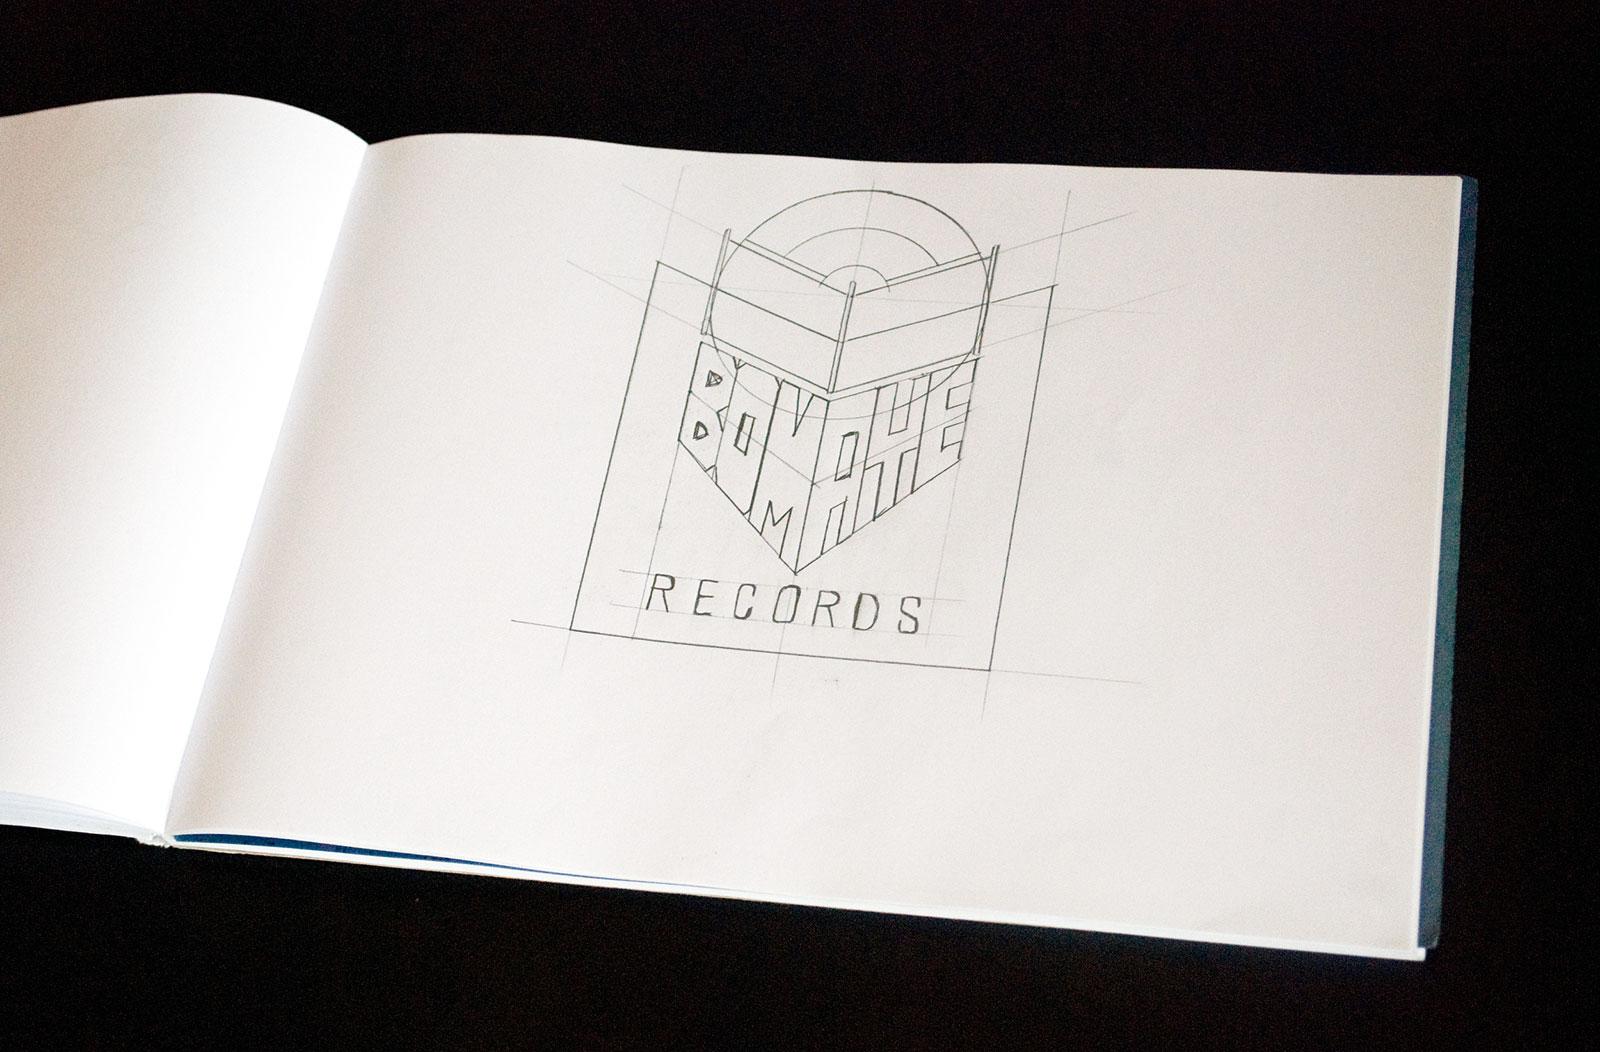 bomaye_records_logo_sketch